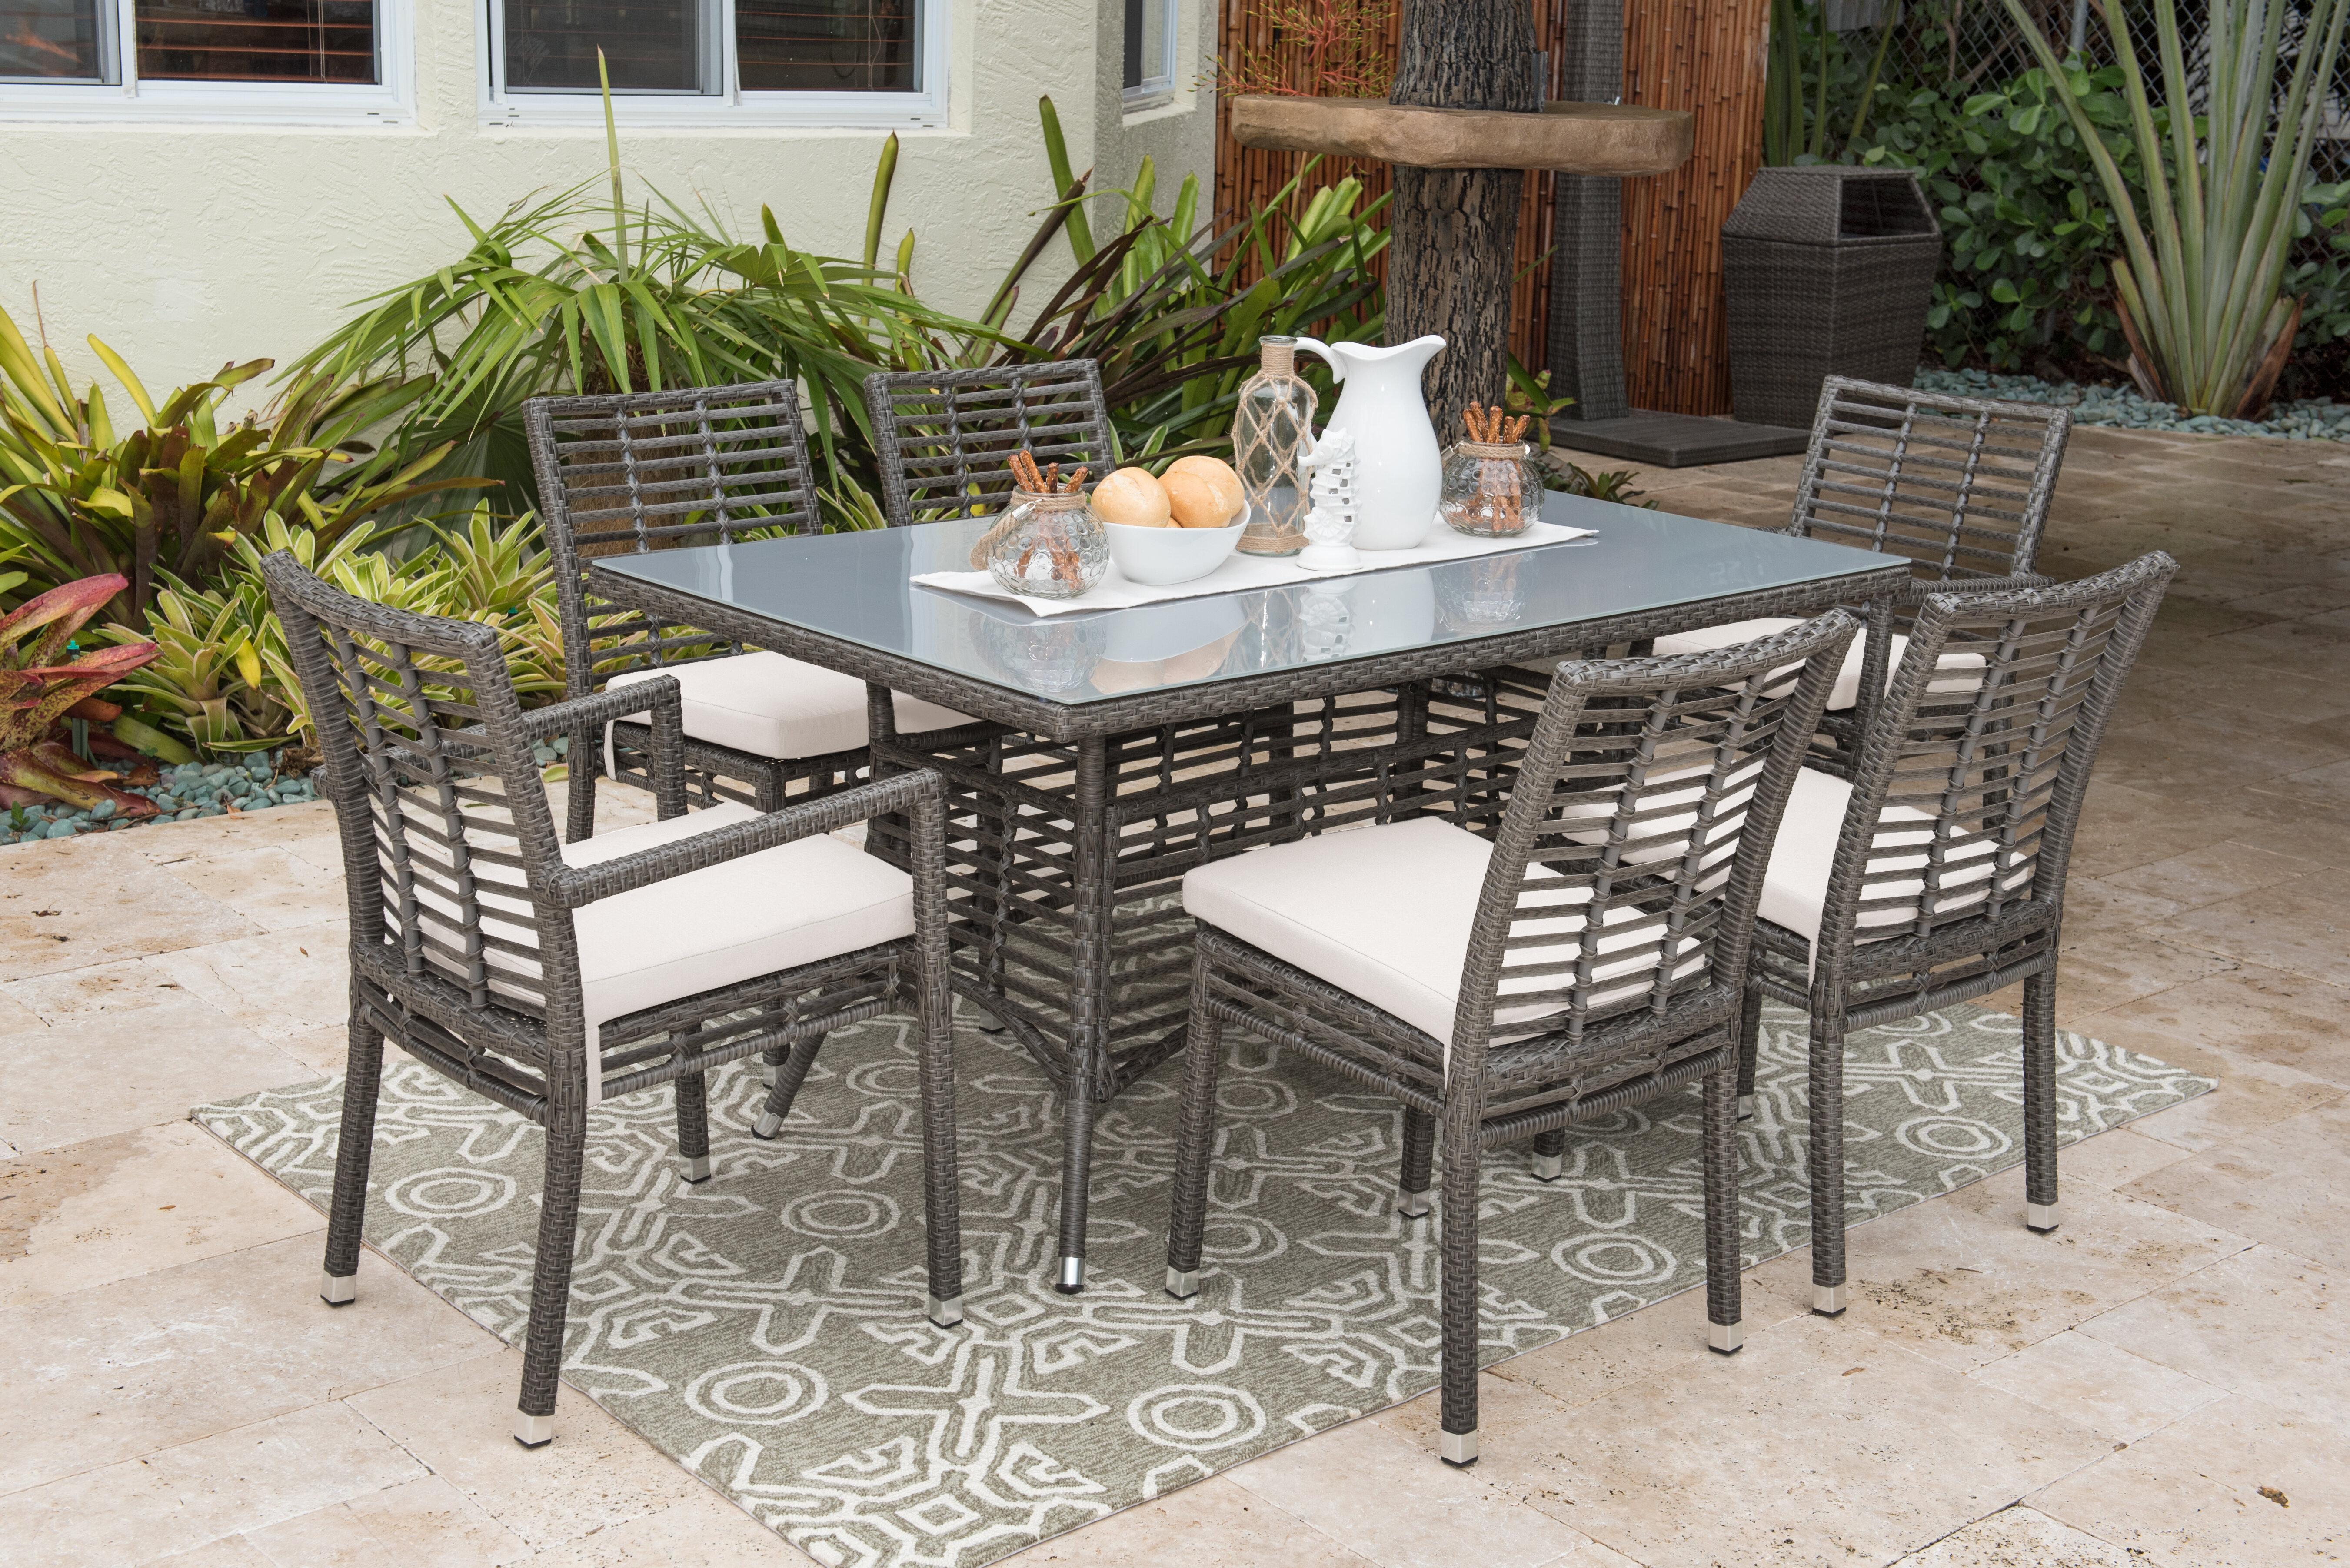 Panama Jack 7 Piece Dining Set With Sunbrella Cushions Reviews Wayfair